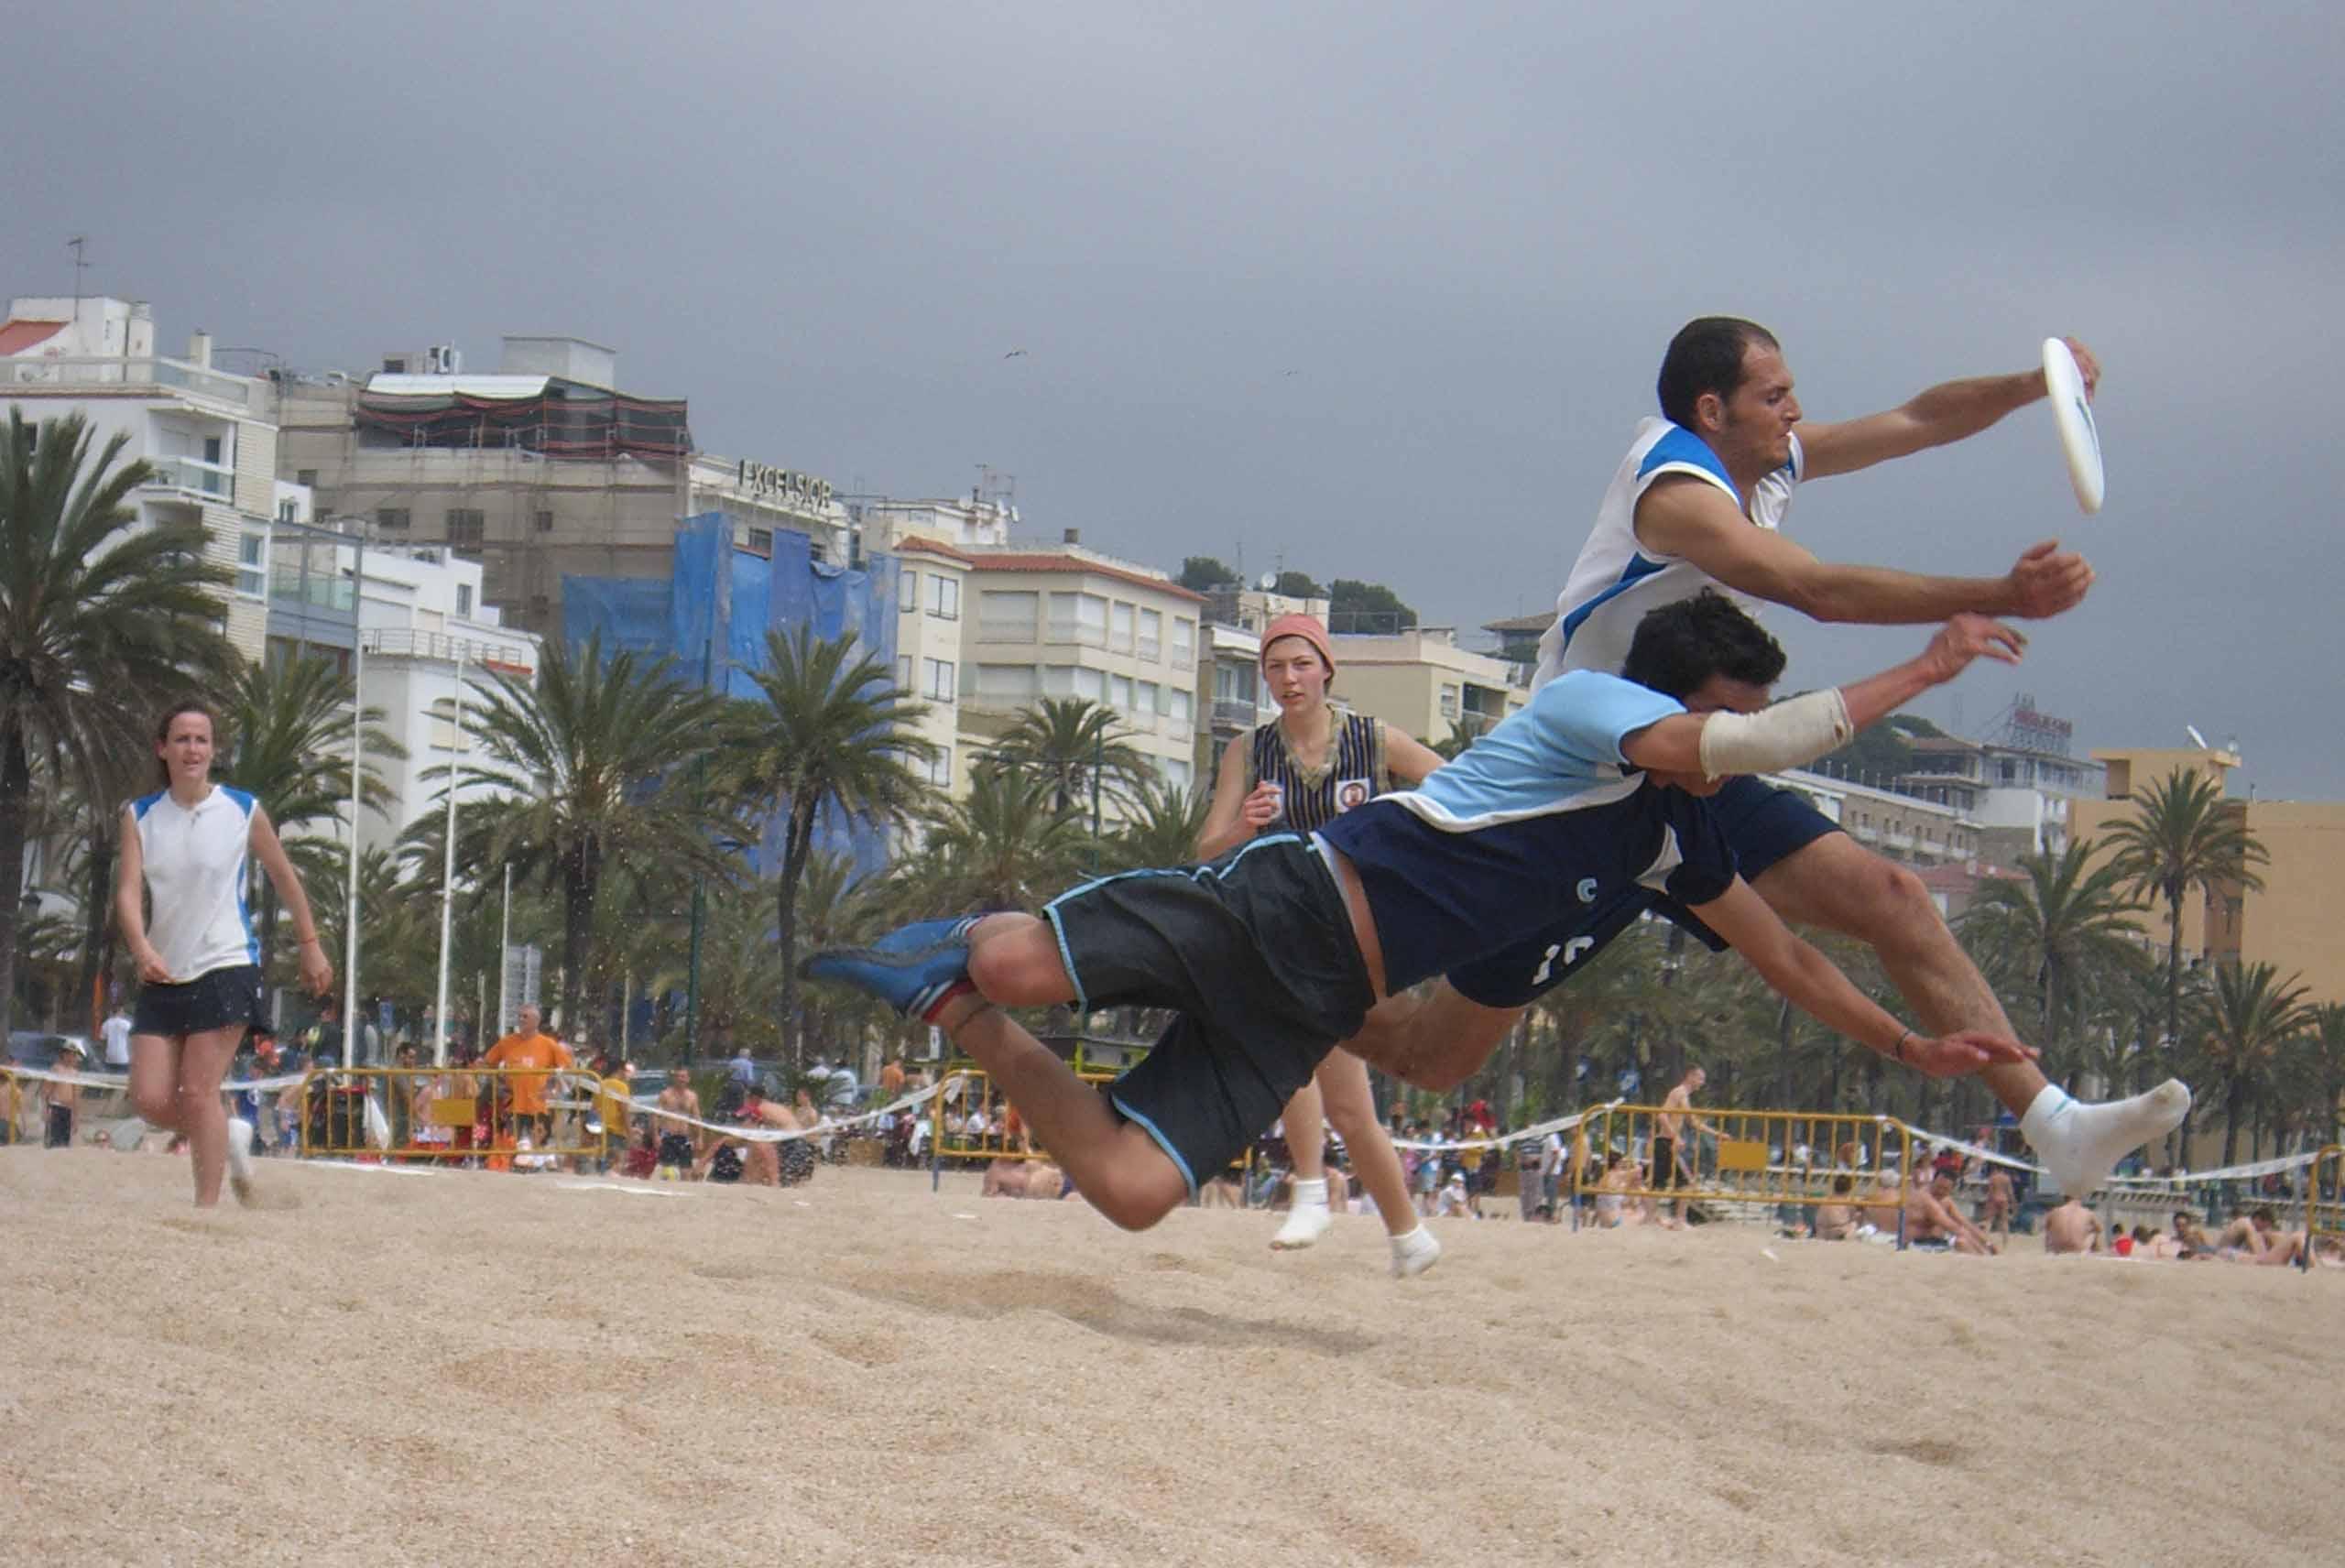 El torneig de disc volador i la competició d'handbol, cites esportives destacades